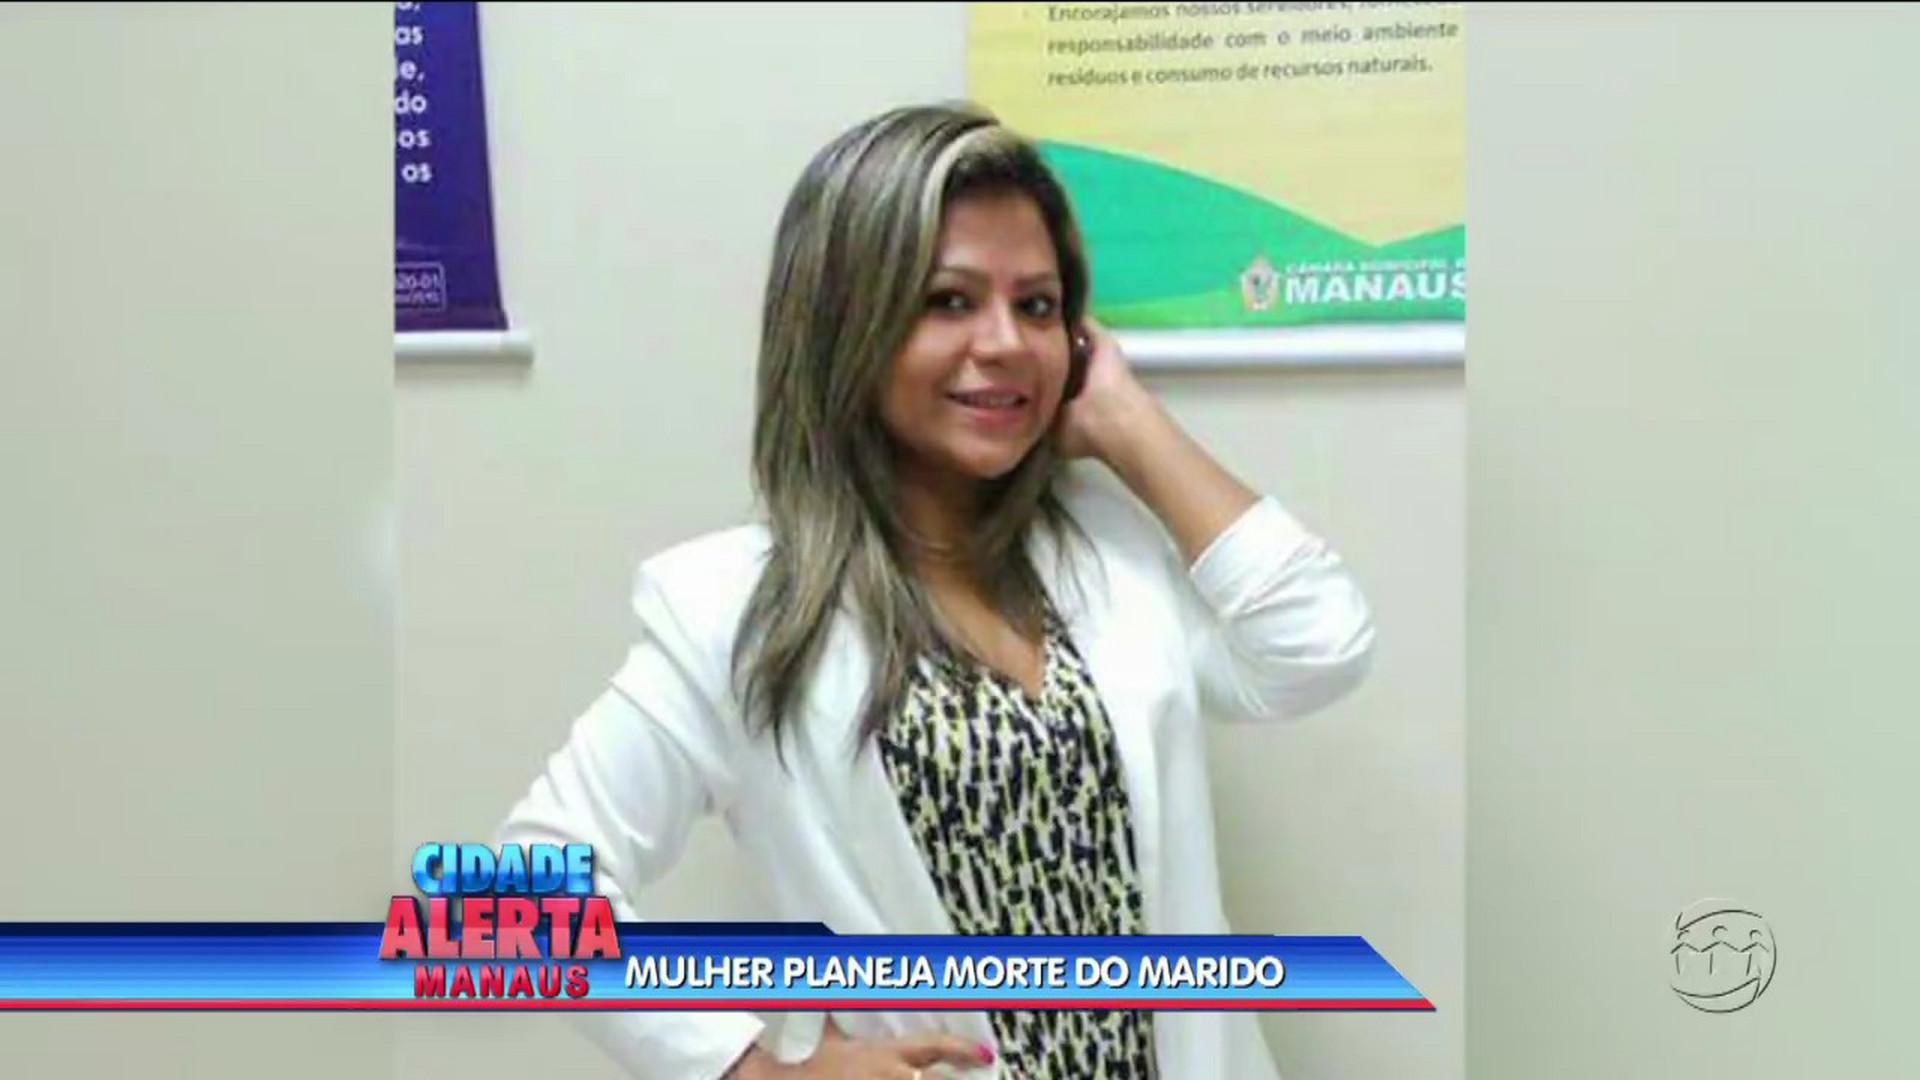 ARMADILHA: MULHER PLANEJA ASSASSINATO DO MARIDO - Cidade Alerta Manaus 17/08/17 - Manhã no Ar 18/08/2017